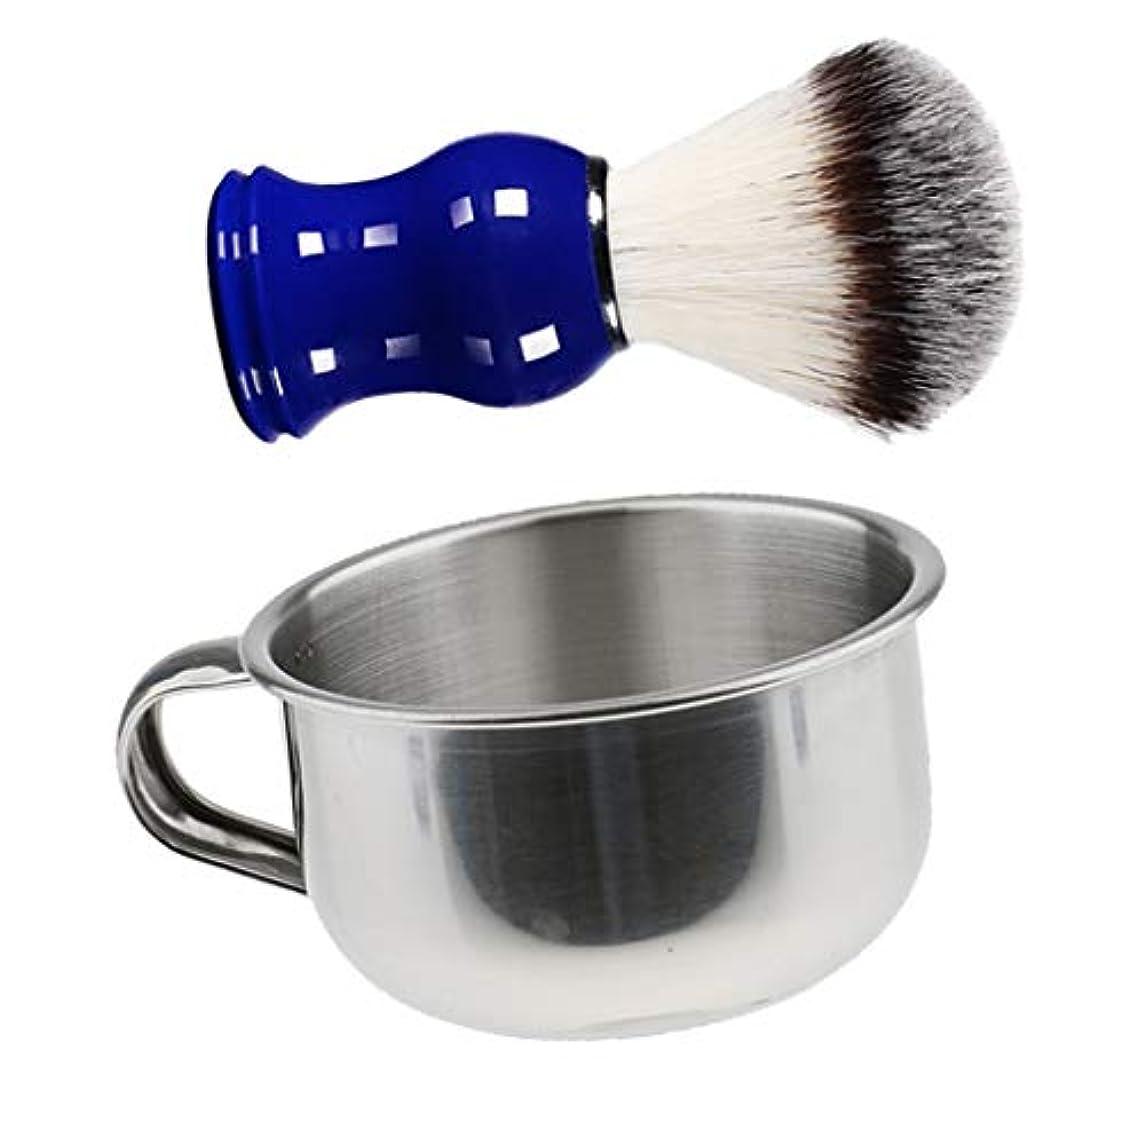 先行する同一性温帯dailymall サロン理容室シェービングセット男性シェービングブラシ+ソープマグボウル顔ひげクリーニング